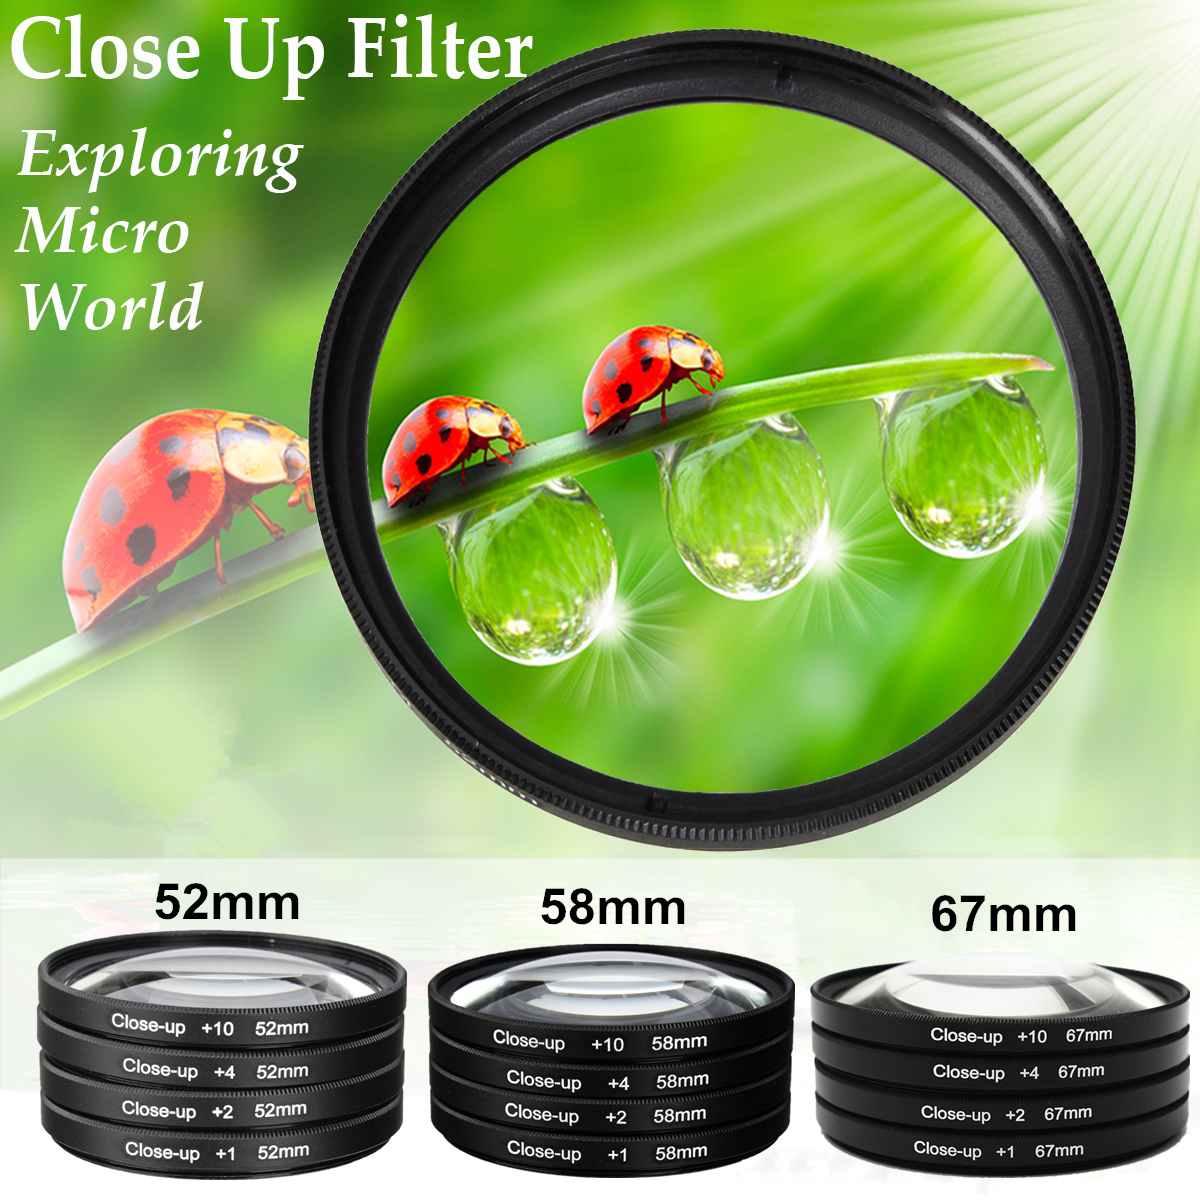 Новый 52/58/67 мм Макро Объективы Набор фильтров для съемки крупным планом + 1 + 2 + 4 + 10 Комплект фильтров для объектива Цифрового Фотоаппарата canon...